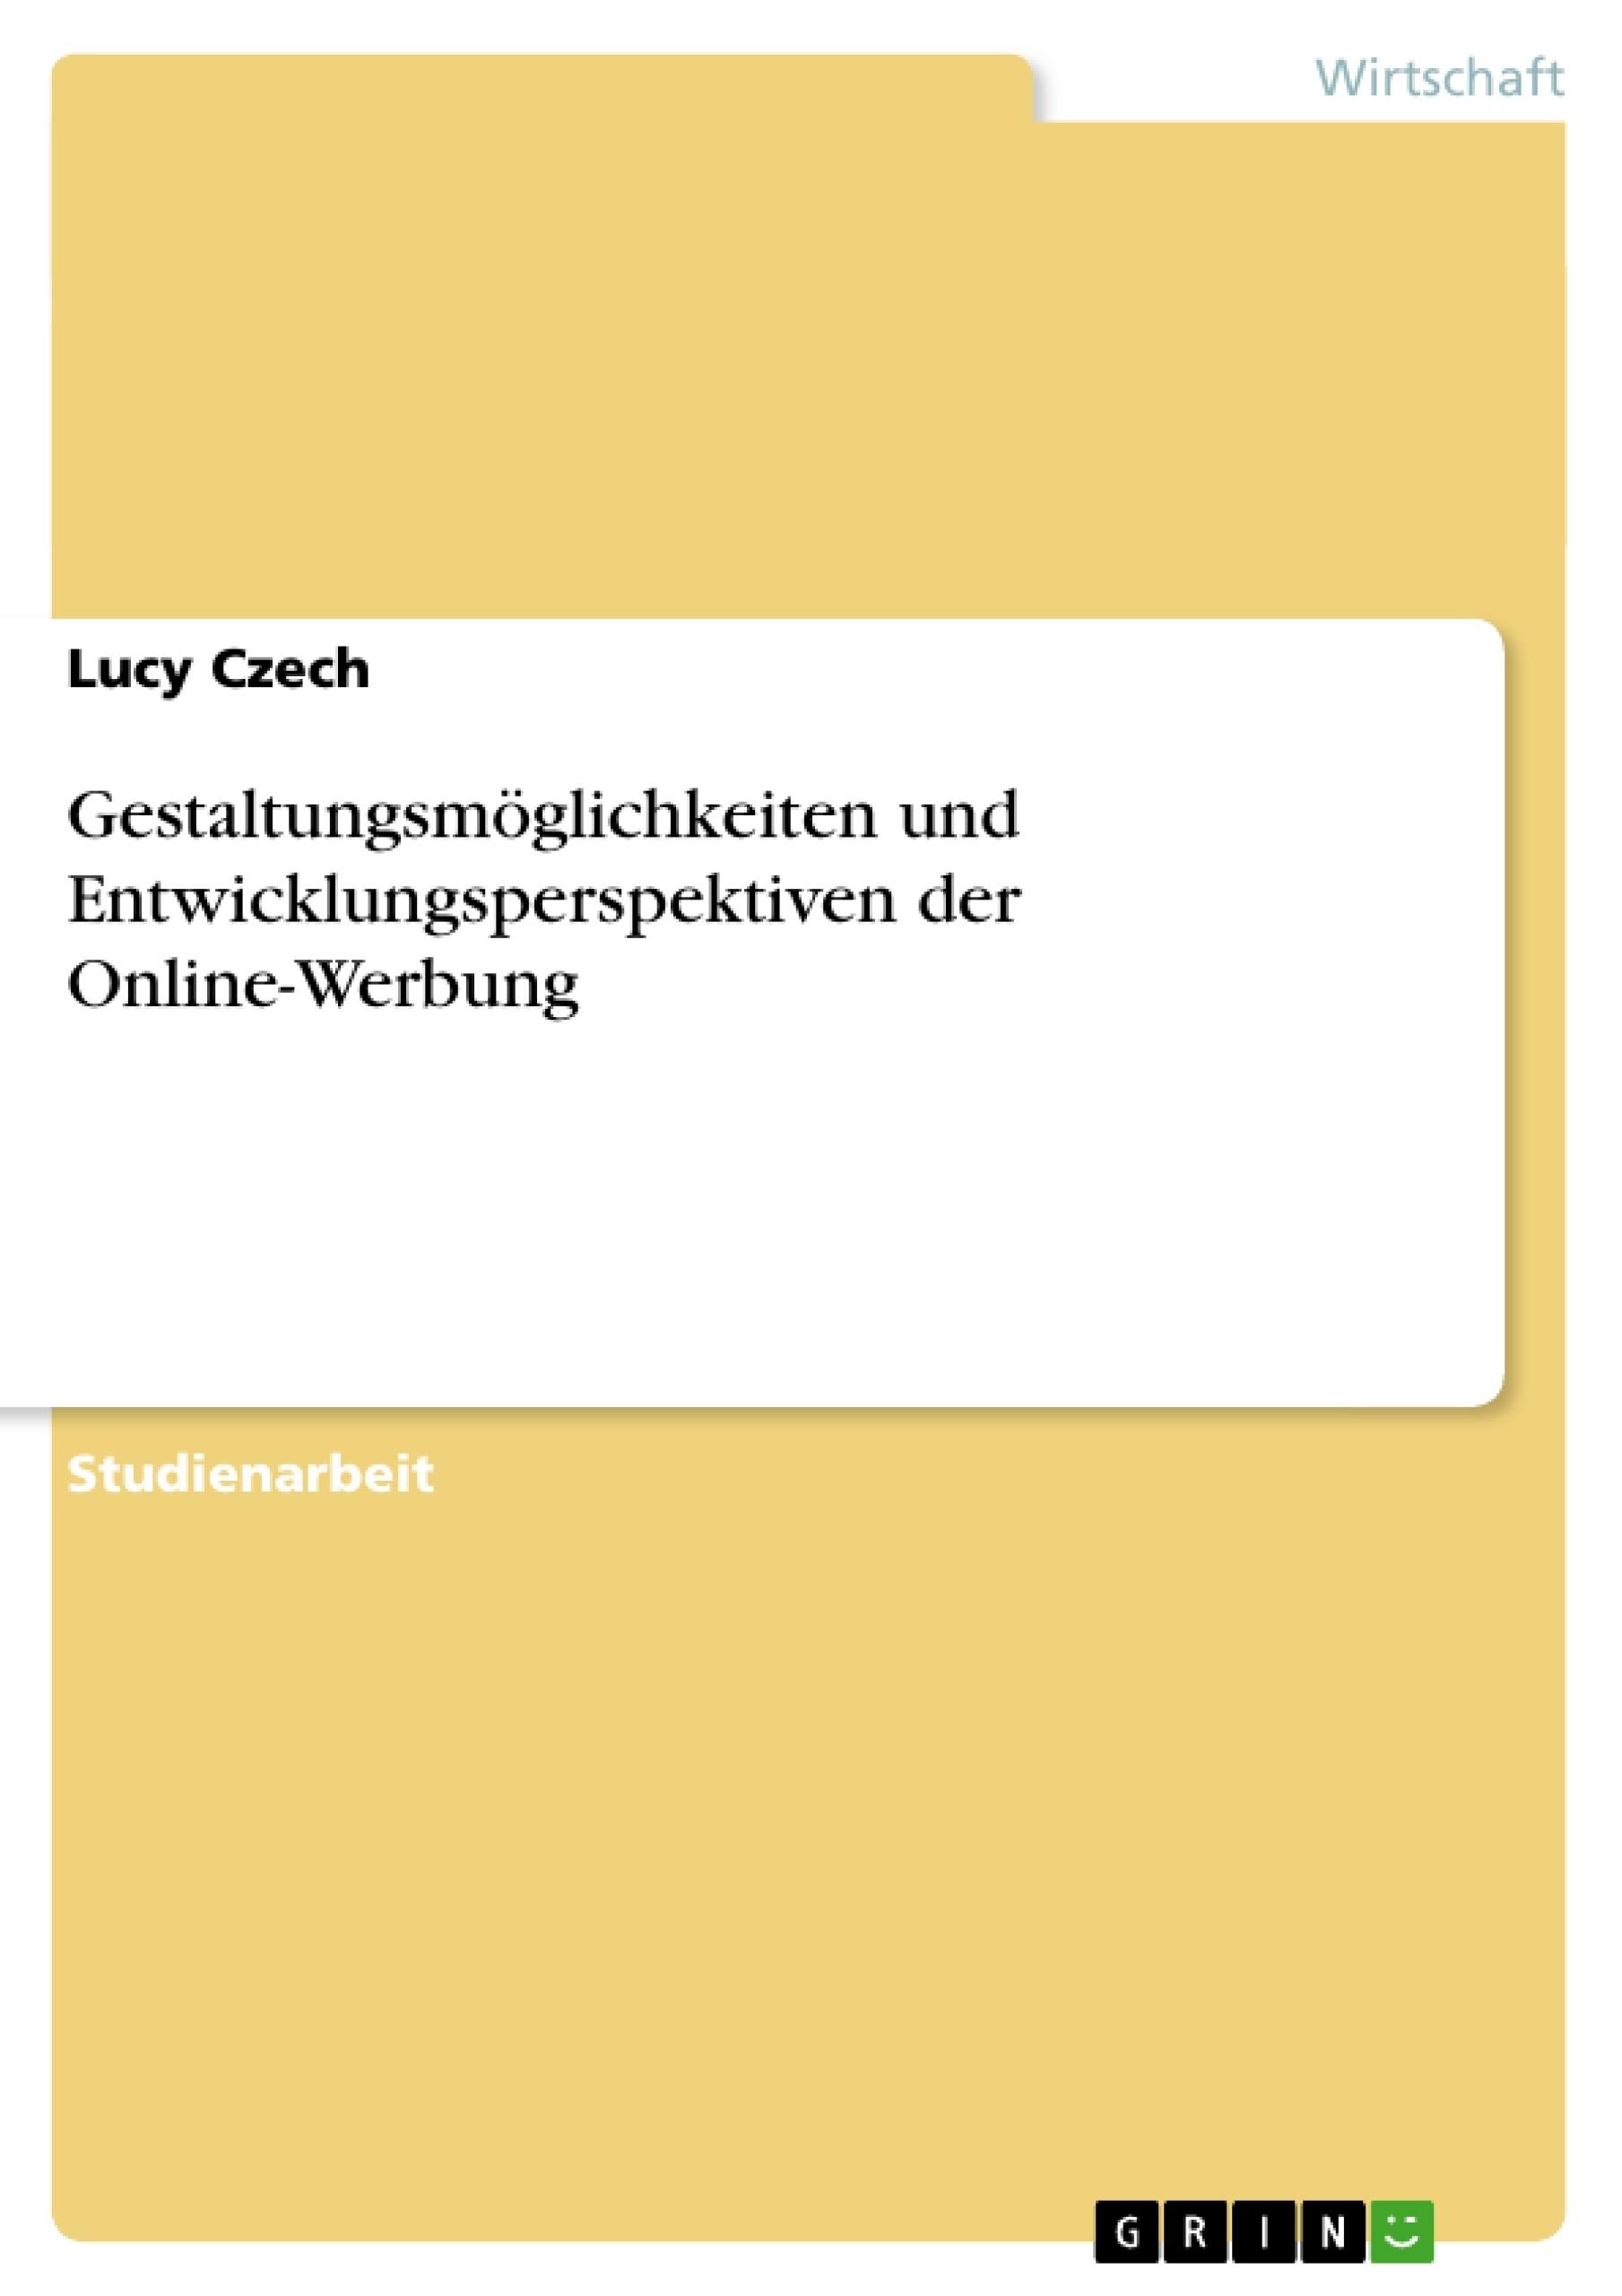 Titel: Gestaltungsmöglichkeiten und Entwicklungsperspektiven der Online-Werbung